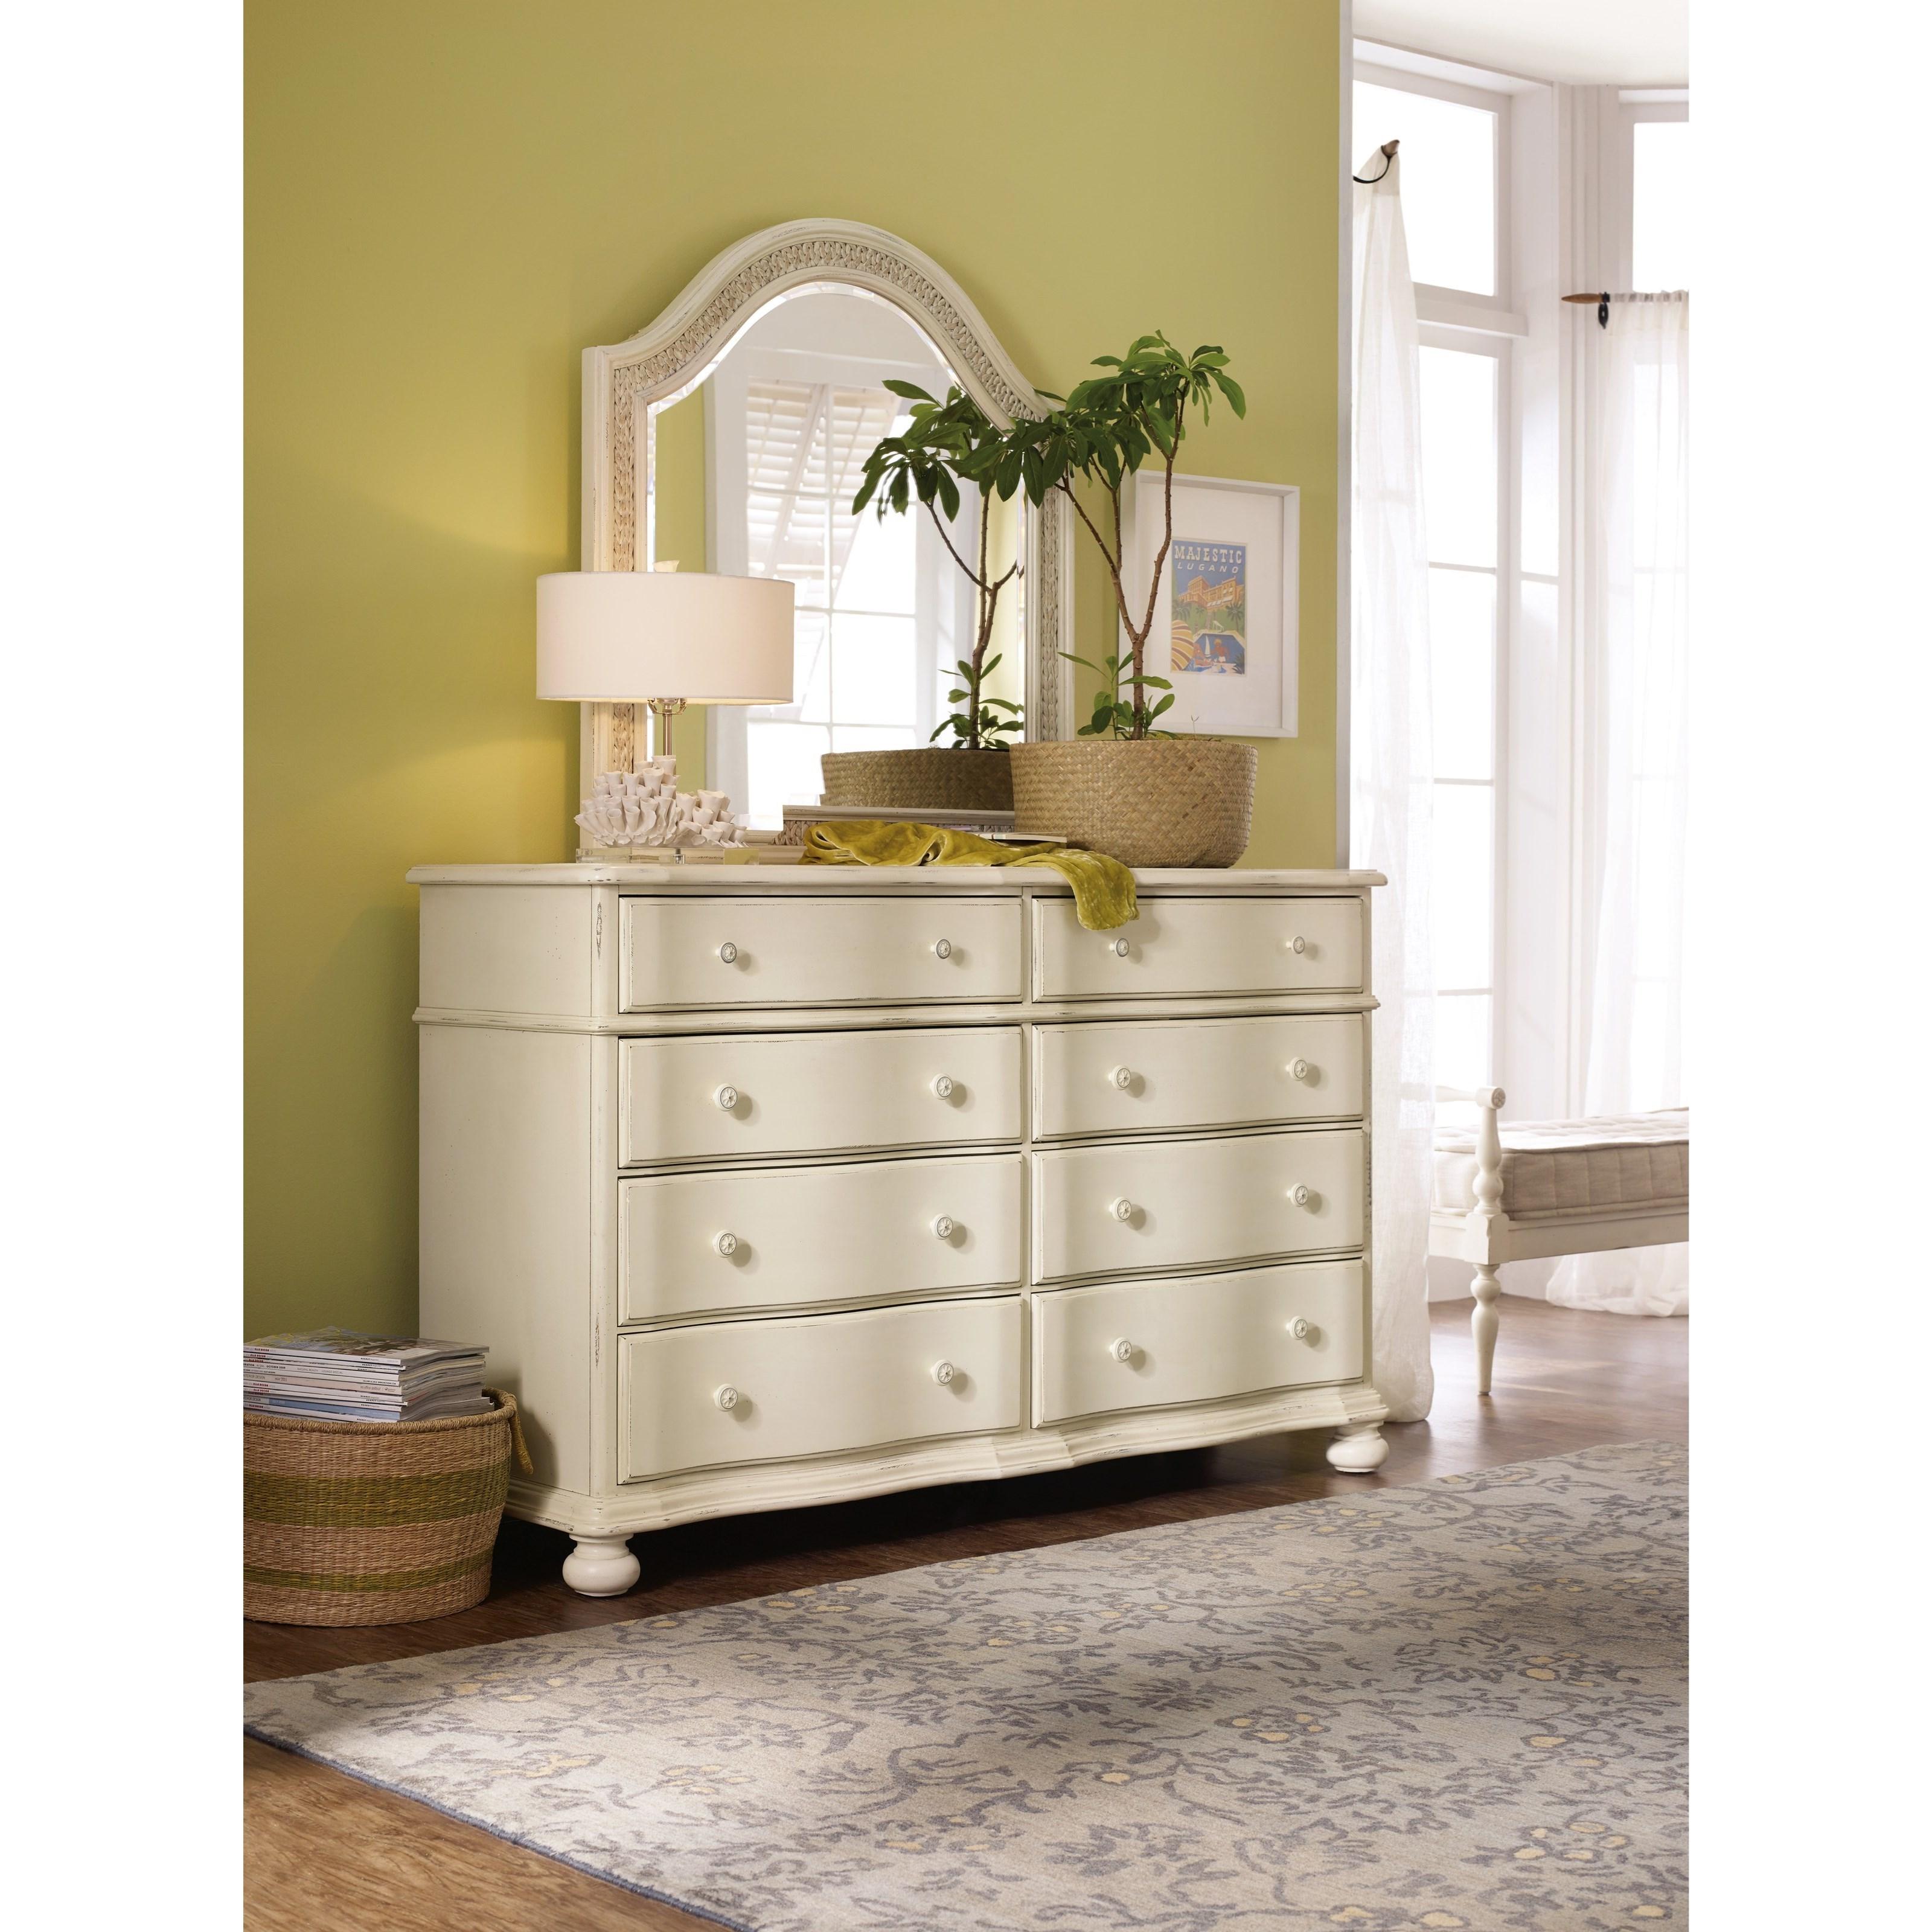 Hooker Furniture Sandcastle 5900 90002 Wh Dresser With 8